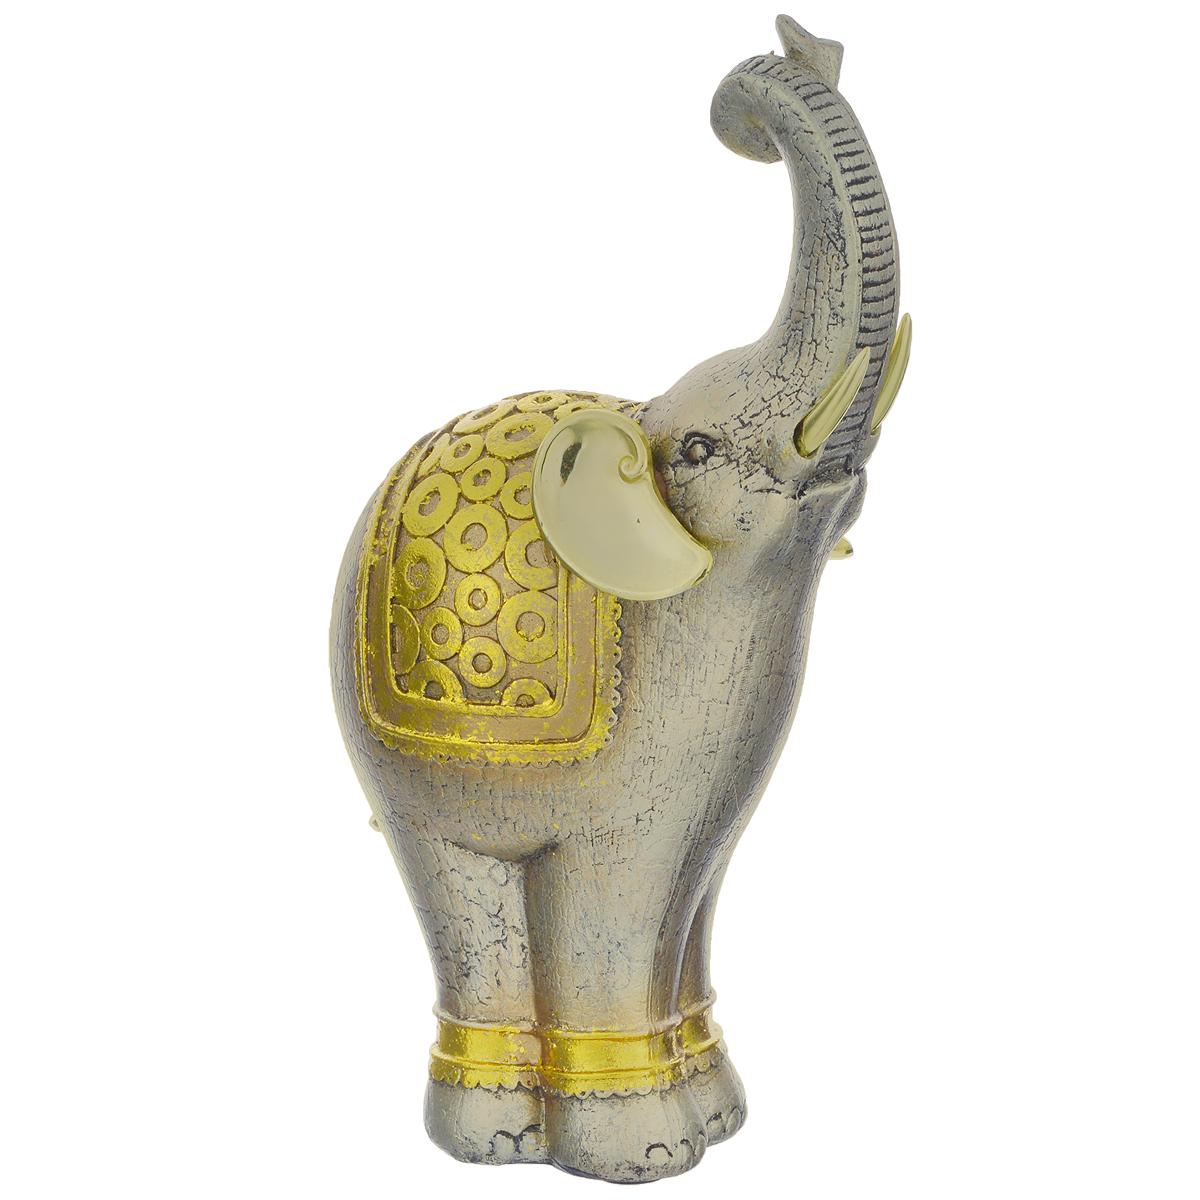 Фигурка декоративная Molento Золотой слон, высота 26 см10850/1W GOLD IVORYДекоративная фигура Molento Золотой слон, изготовленная из полистоуна, позволит вам украсить интерьер дома, рабочего кабинета или любого другого помещения оригинальным образом. Изделие, выполненное в виде слона, оформлено рельефным рисунком и золотистым напылением.С такой декоративной фигурой вы сможете не просто внести в интерьер элемент оригинальности, но и создать атмосферу загадочности и изысканности.Размер фигурки: 15 см х 9 см х 26 см.